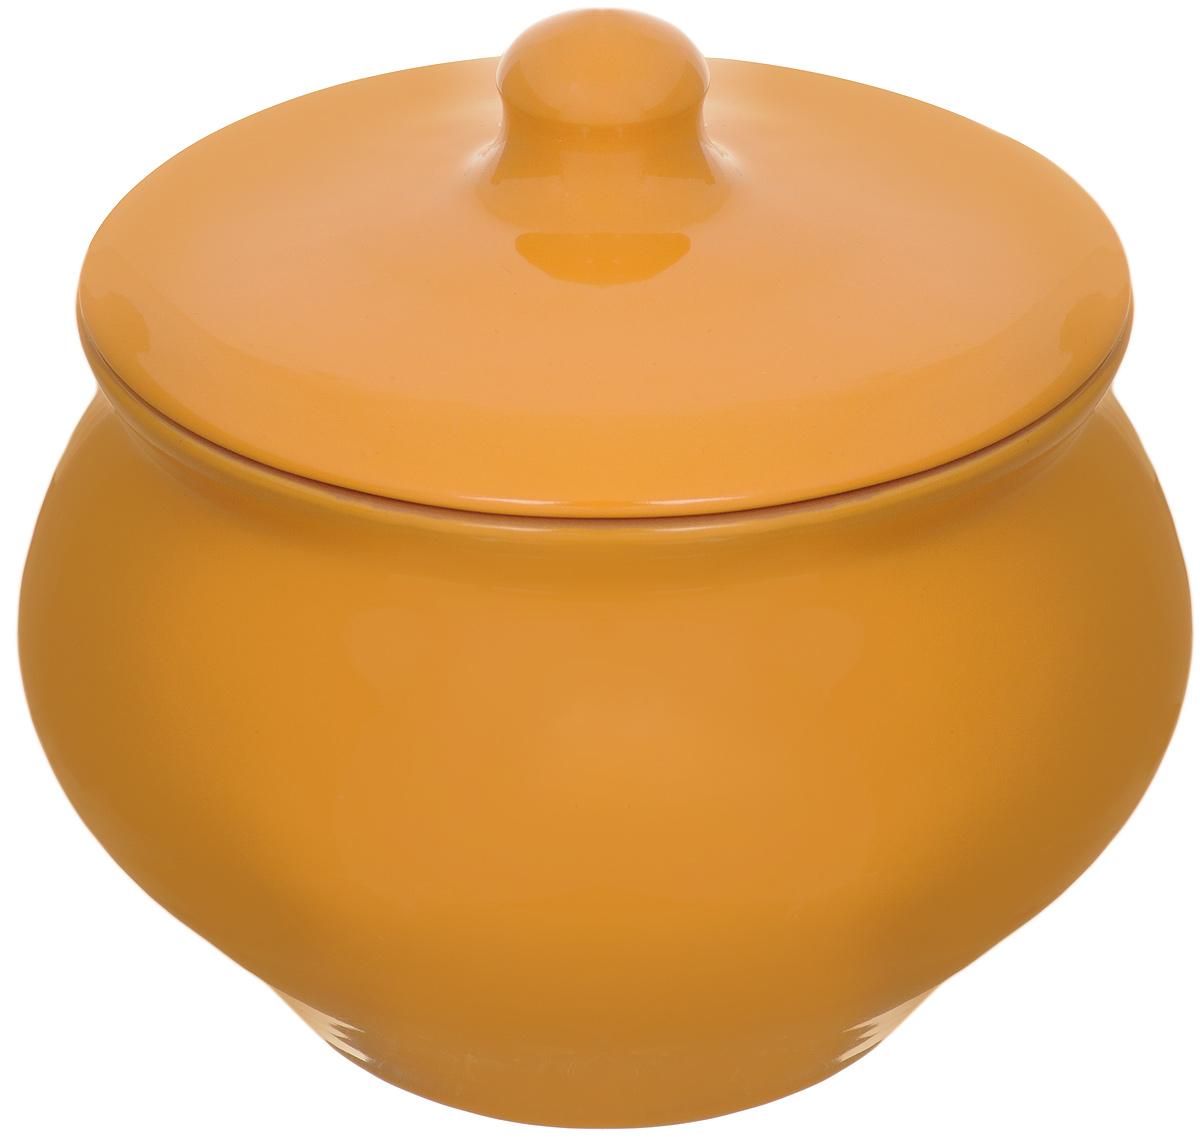 """Горшок для запекания Борисовская керамика """"Радуга"""" выполнен из высококачественной керамики. Уникальные свойства красной  глины и толстые стенки изделия обеспечивают """"эффект русской печи"""" при приготовлении блюд. Блюда, приготовленные в керамическом горшке,  получаются нежными и сочными.  Вы сможете приготовить мясо, сделать томленые овощи и все это без капли масла. Это один из самых здоровых способов приготовления пищи.   Можно использовать в духовке и микроволновой печи.  Объем: 1,3 л."""